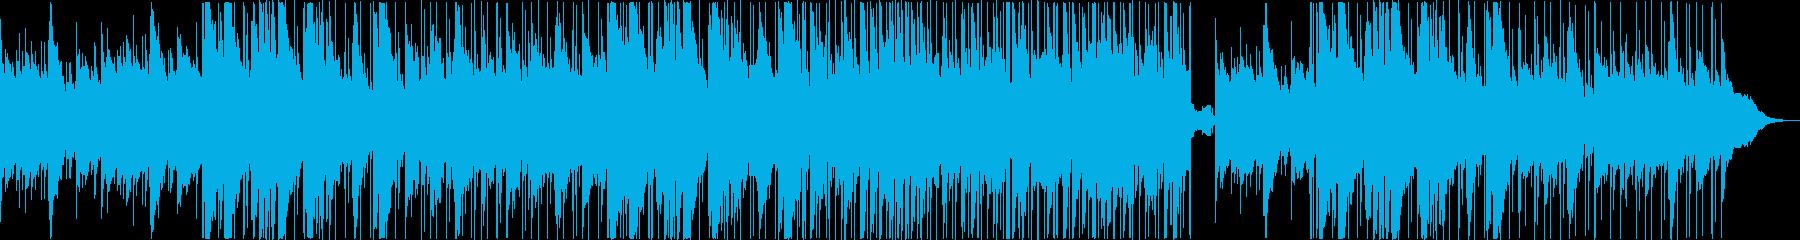 心温まるアコースティックポップスの再生済みの波形